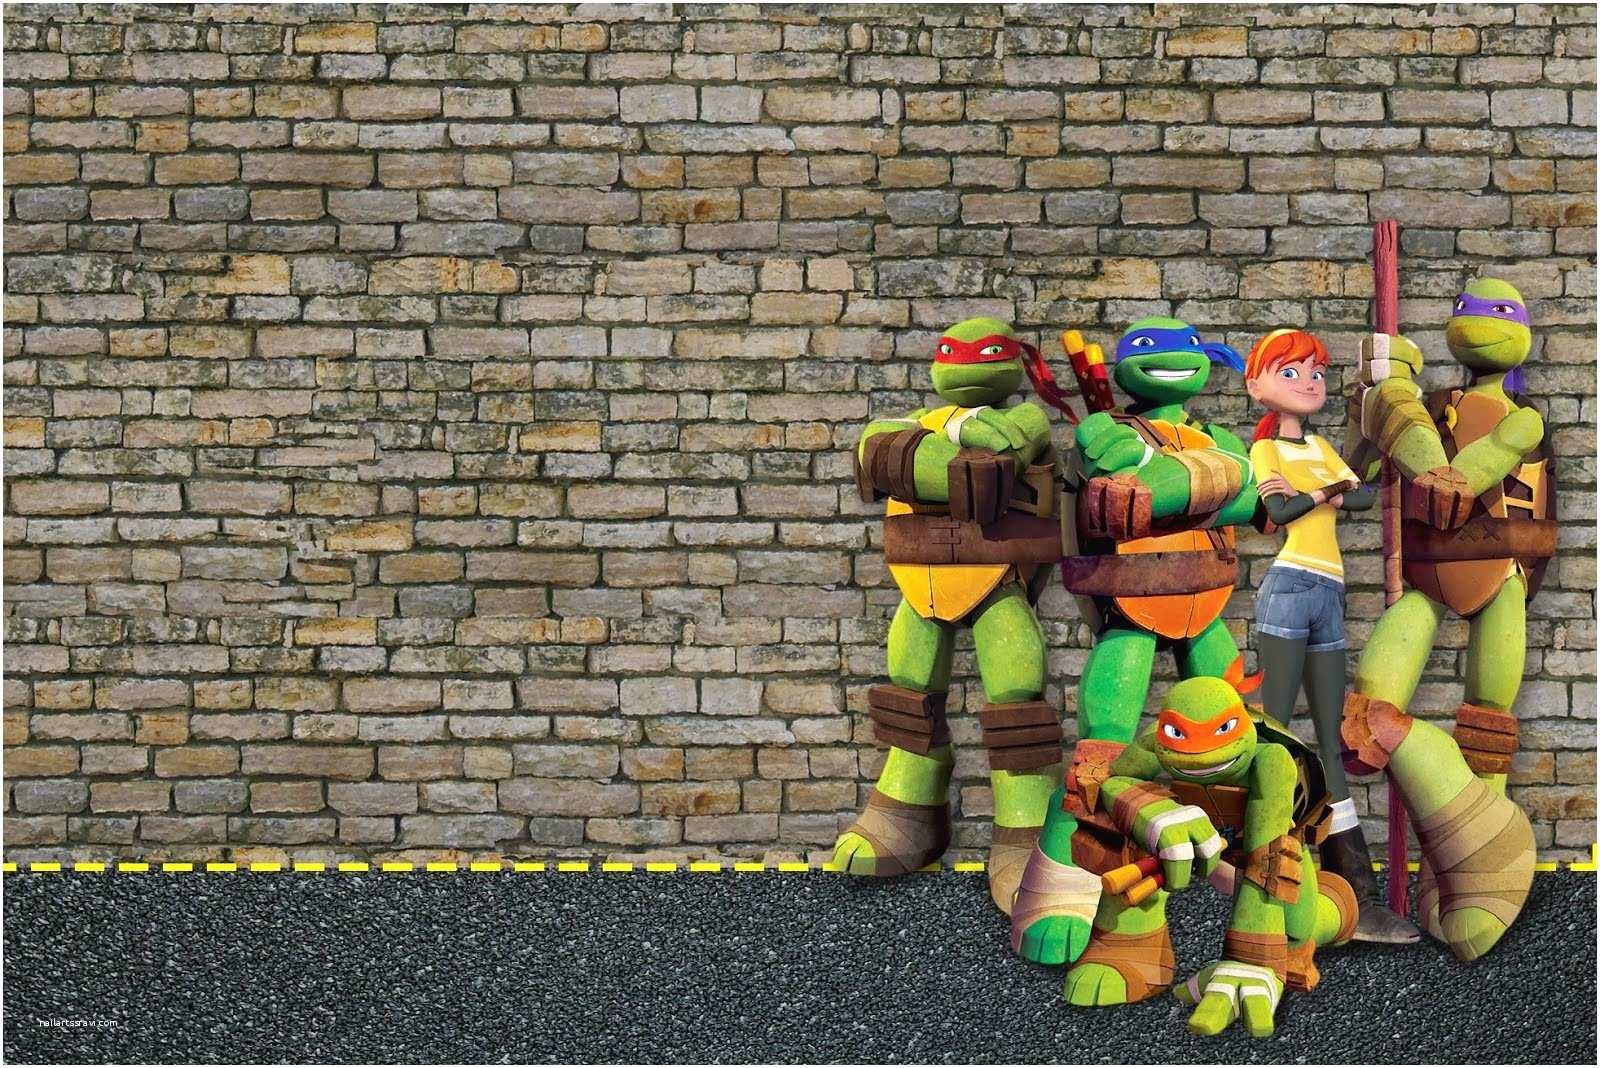 Ninja Turtle Party Invitations Ninja Turtles Free Party Printables and Invitations